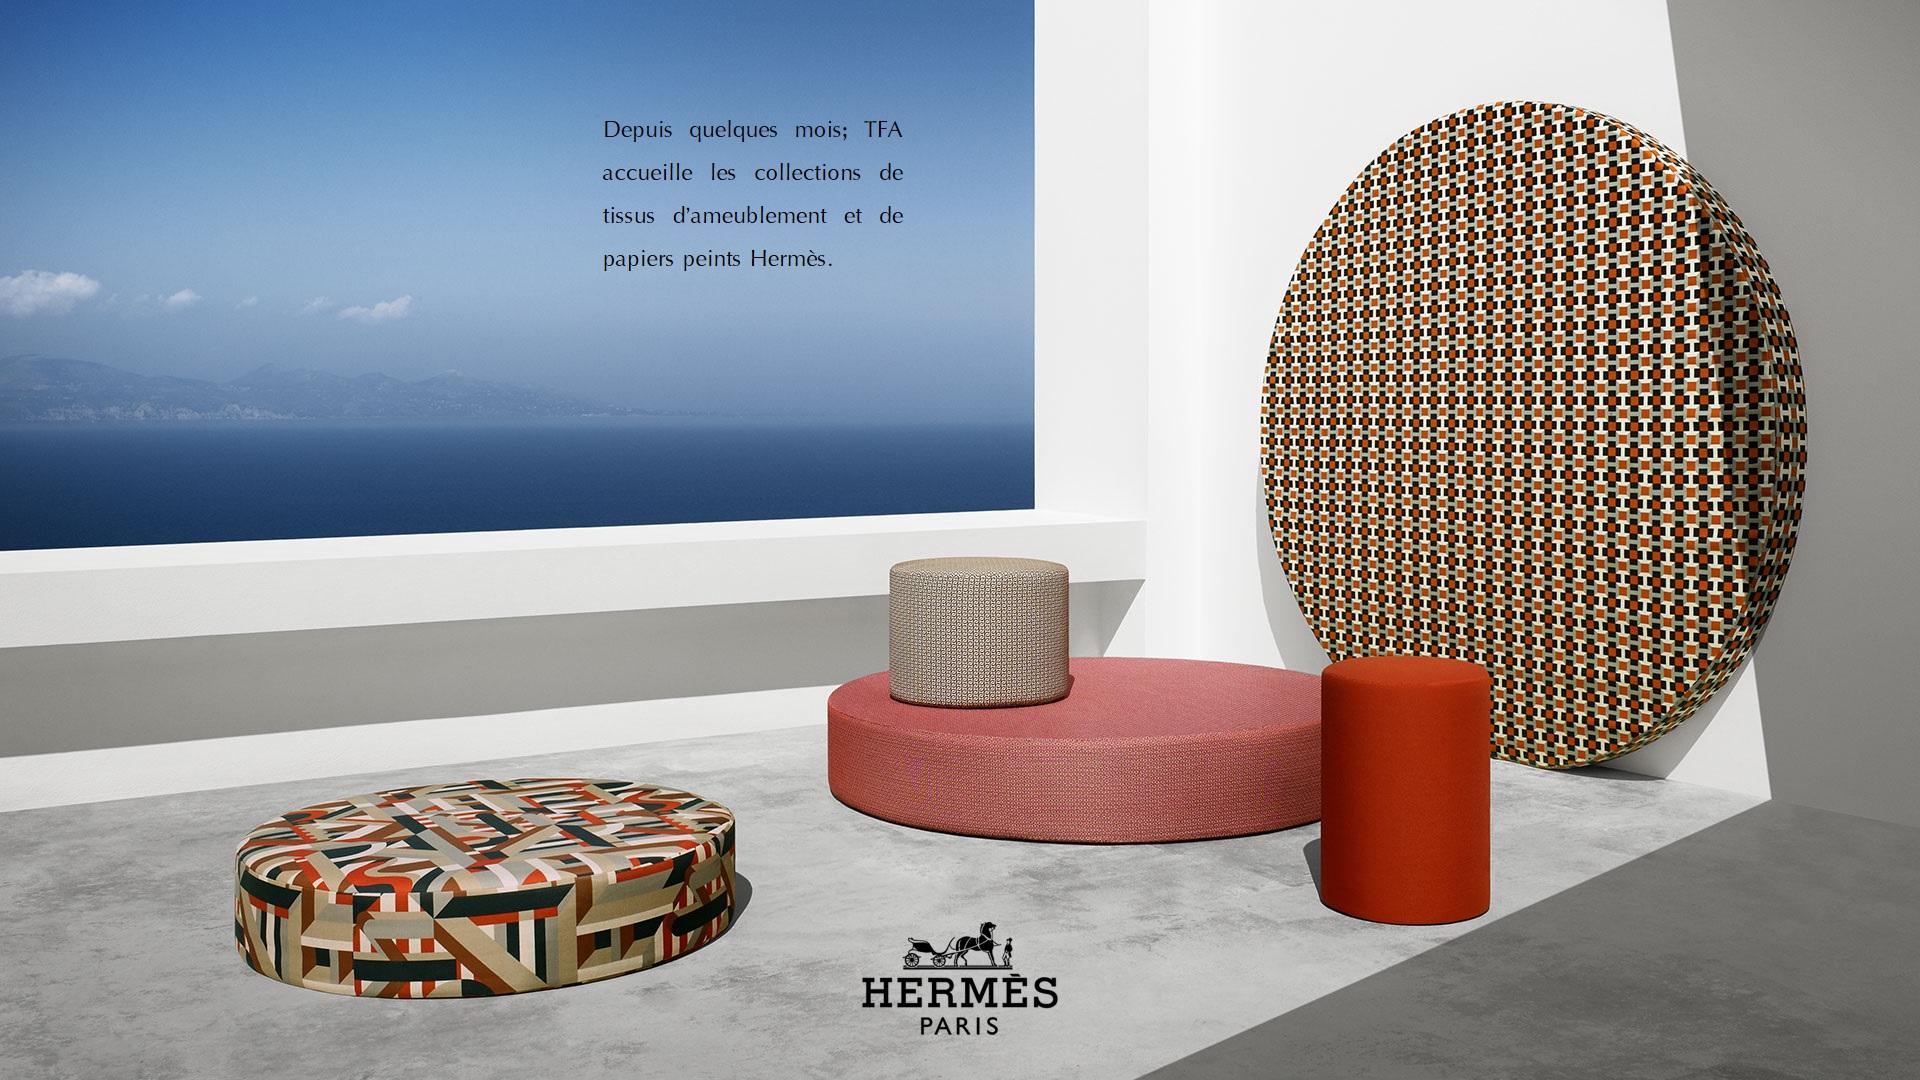 Hermes Chez Tfa 2 Tissus D Ameublement Paris